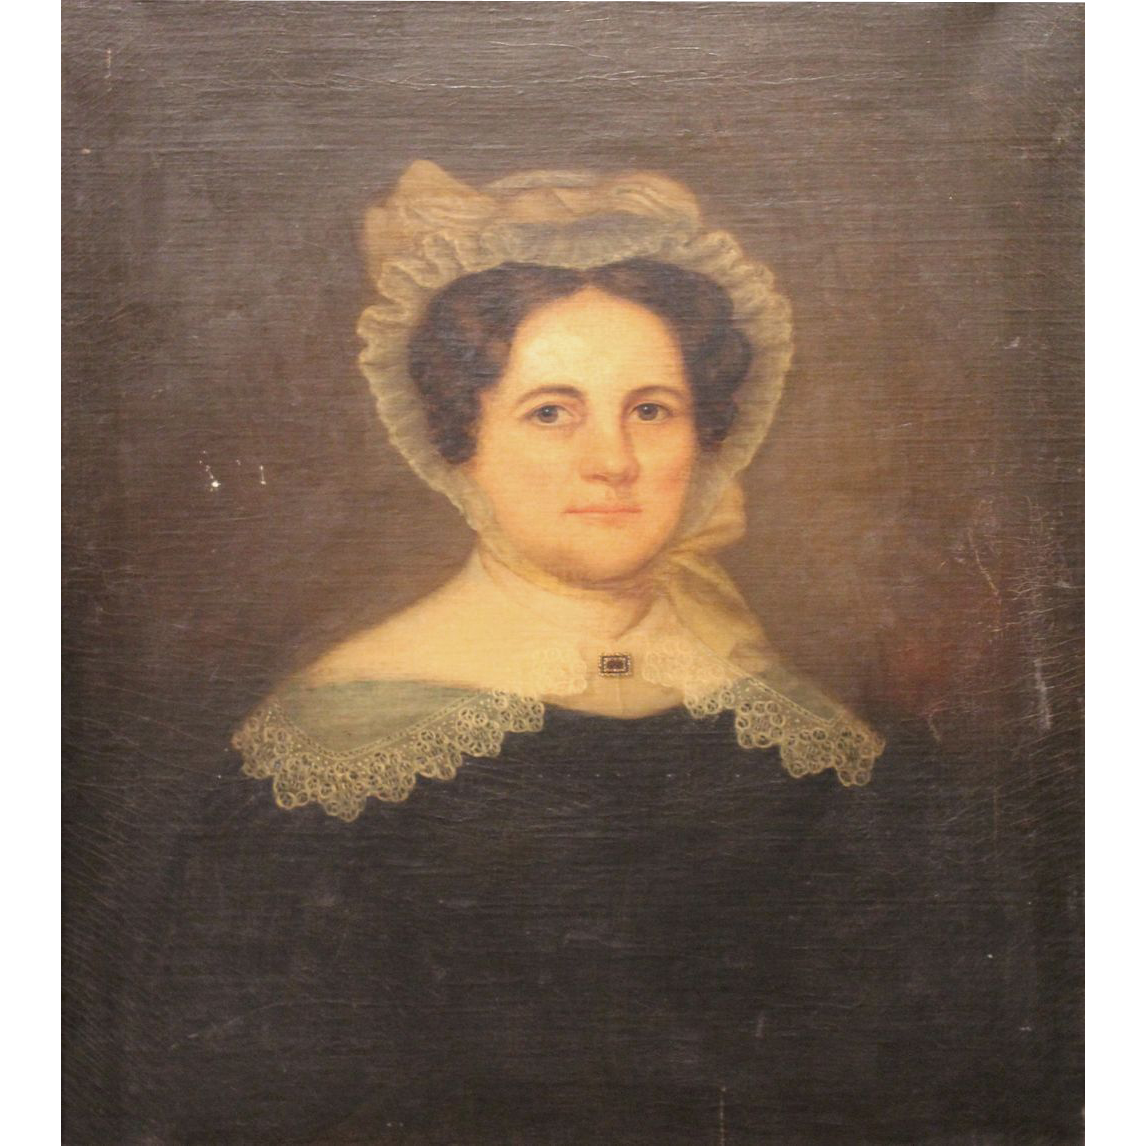 19th c Portrait of a Woman Elizabeth Averell